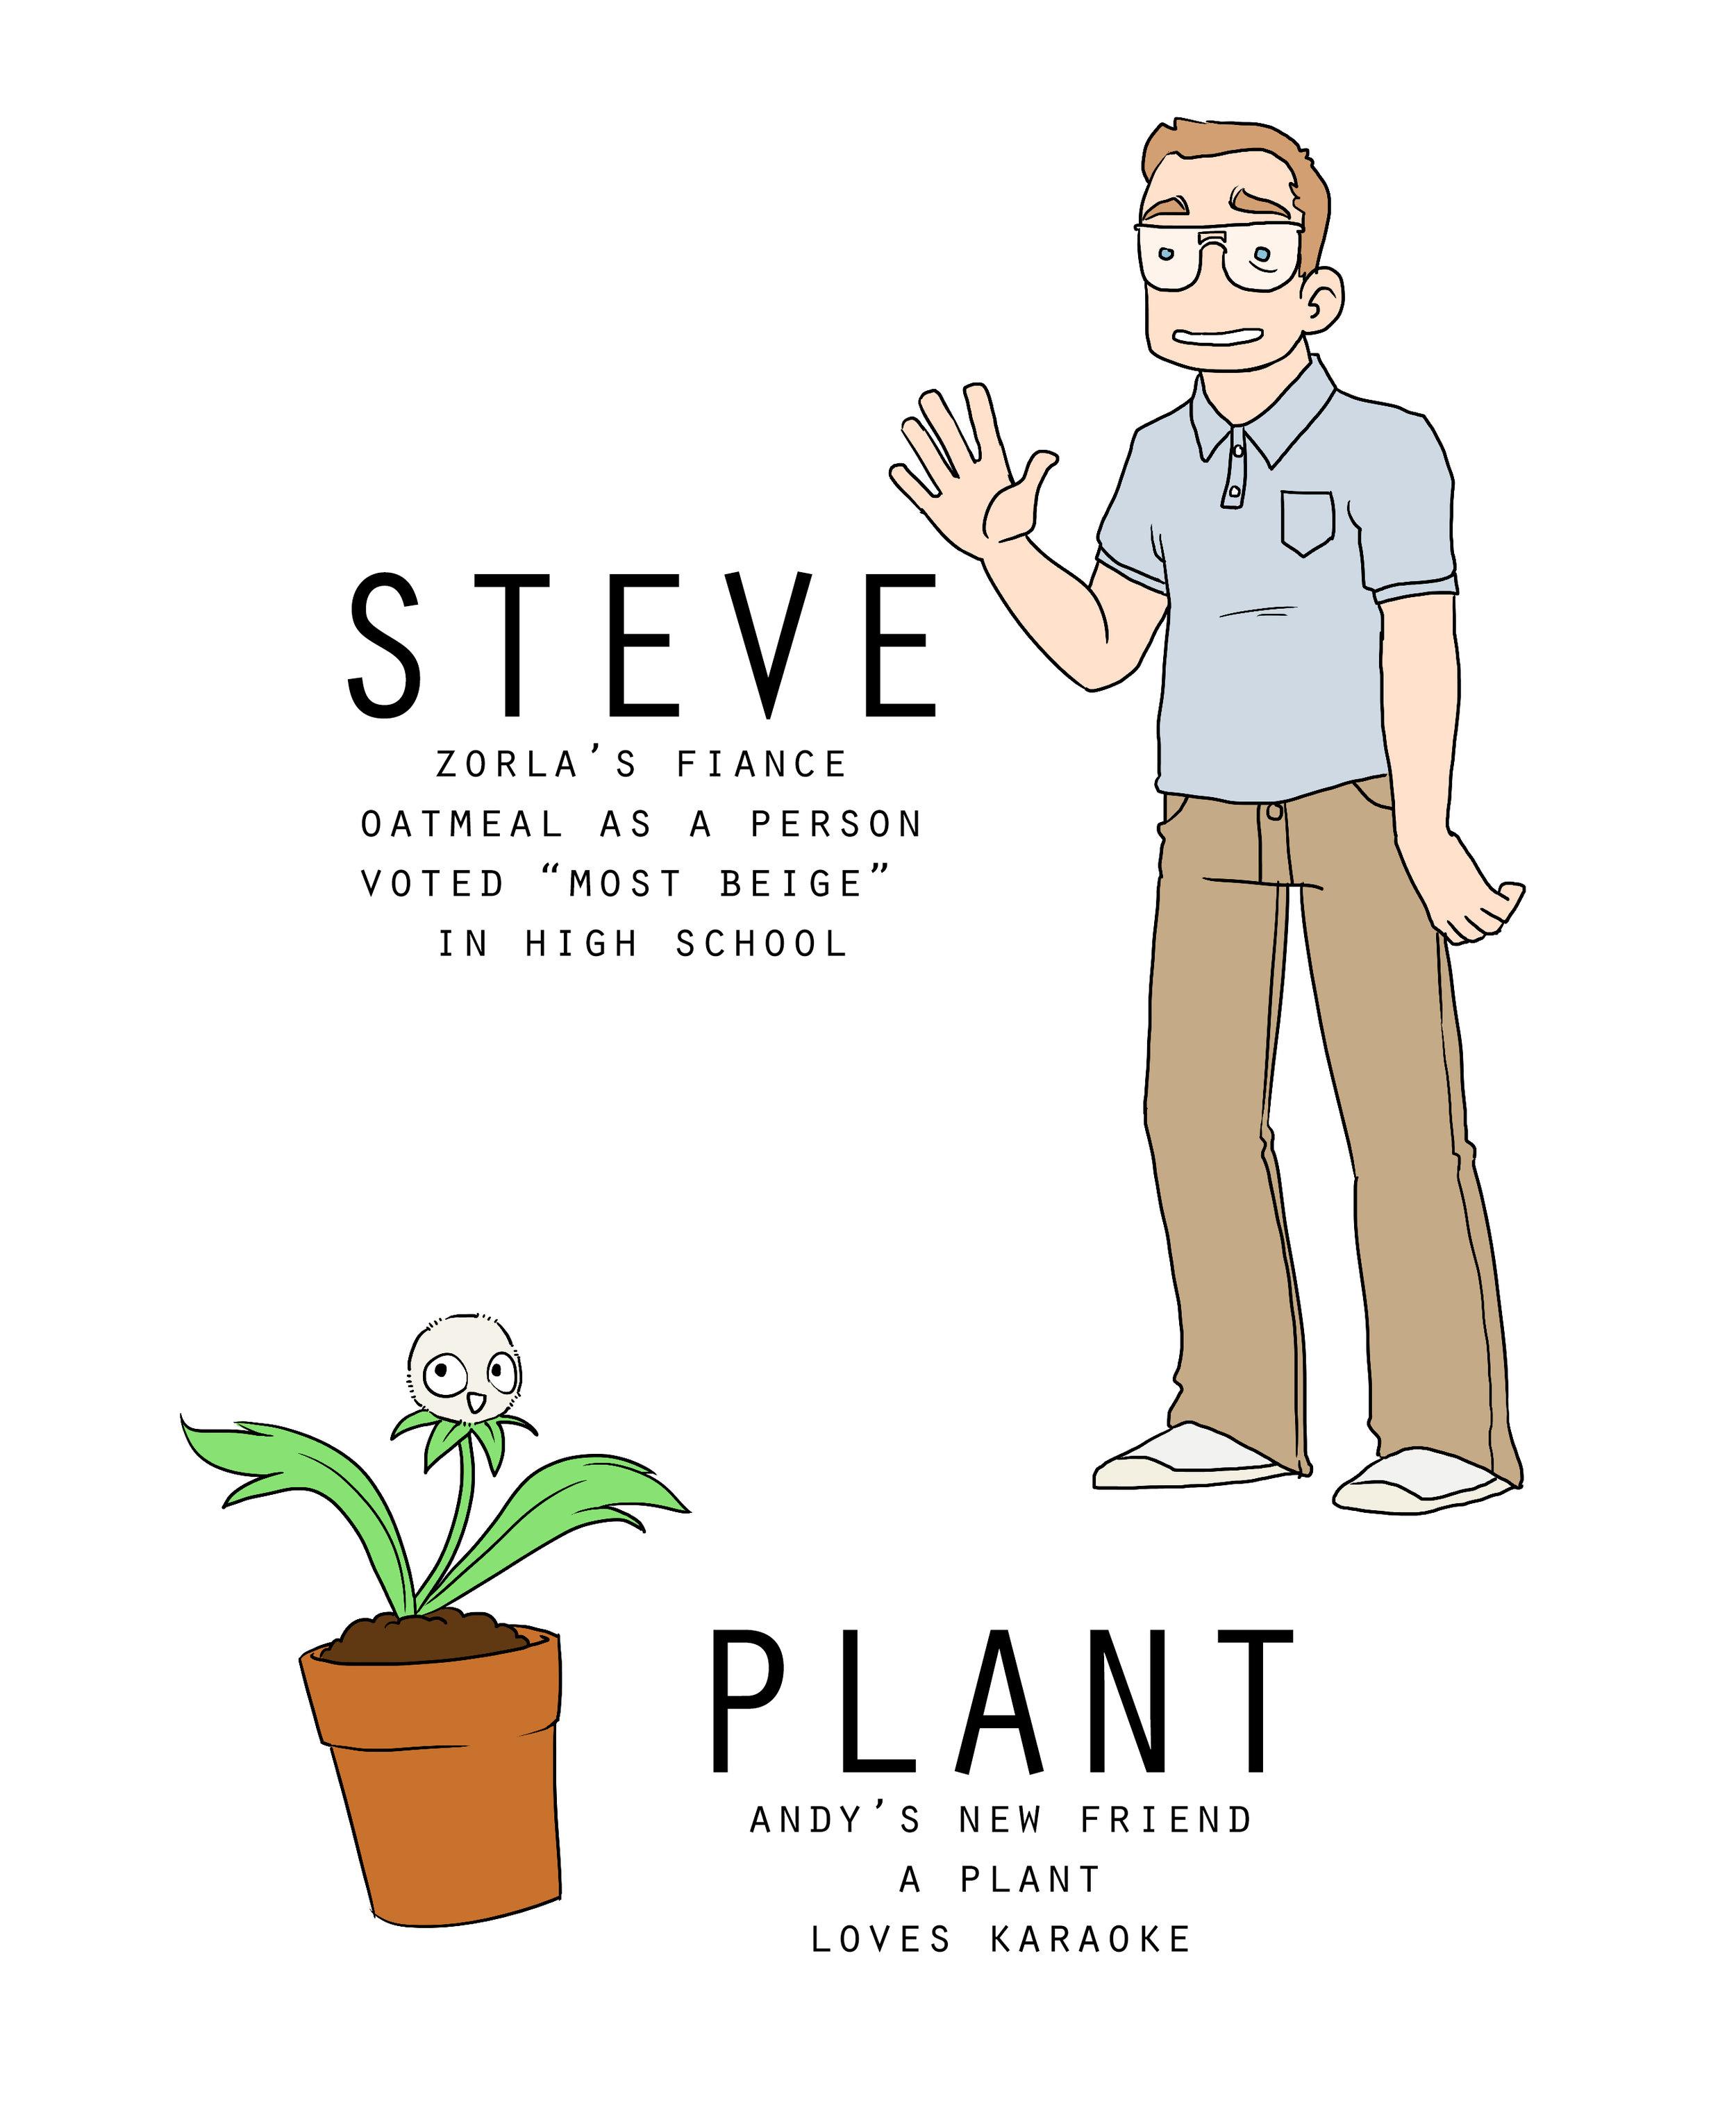 steveplant.jpg